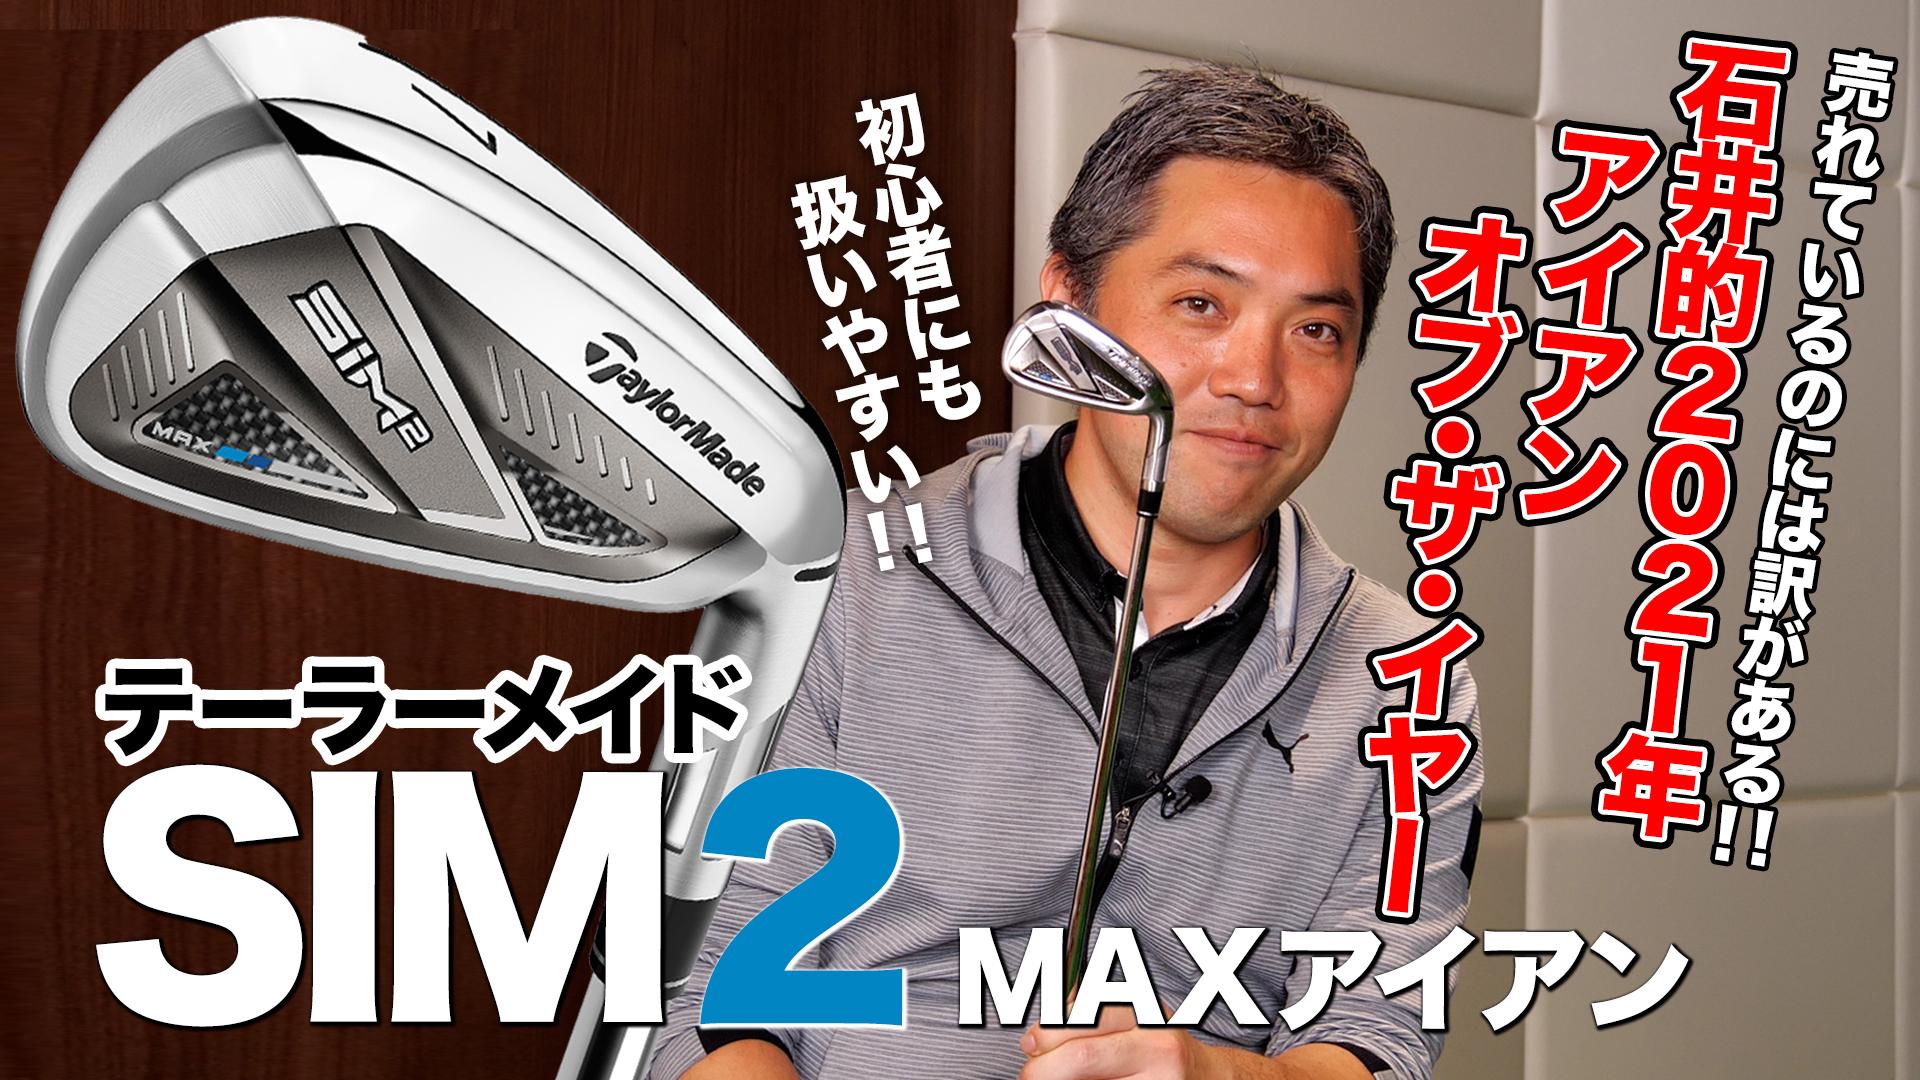 【初心者におすすめ】テーラーメイド「SIM2 MAX アイアン」